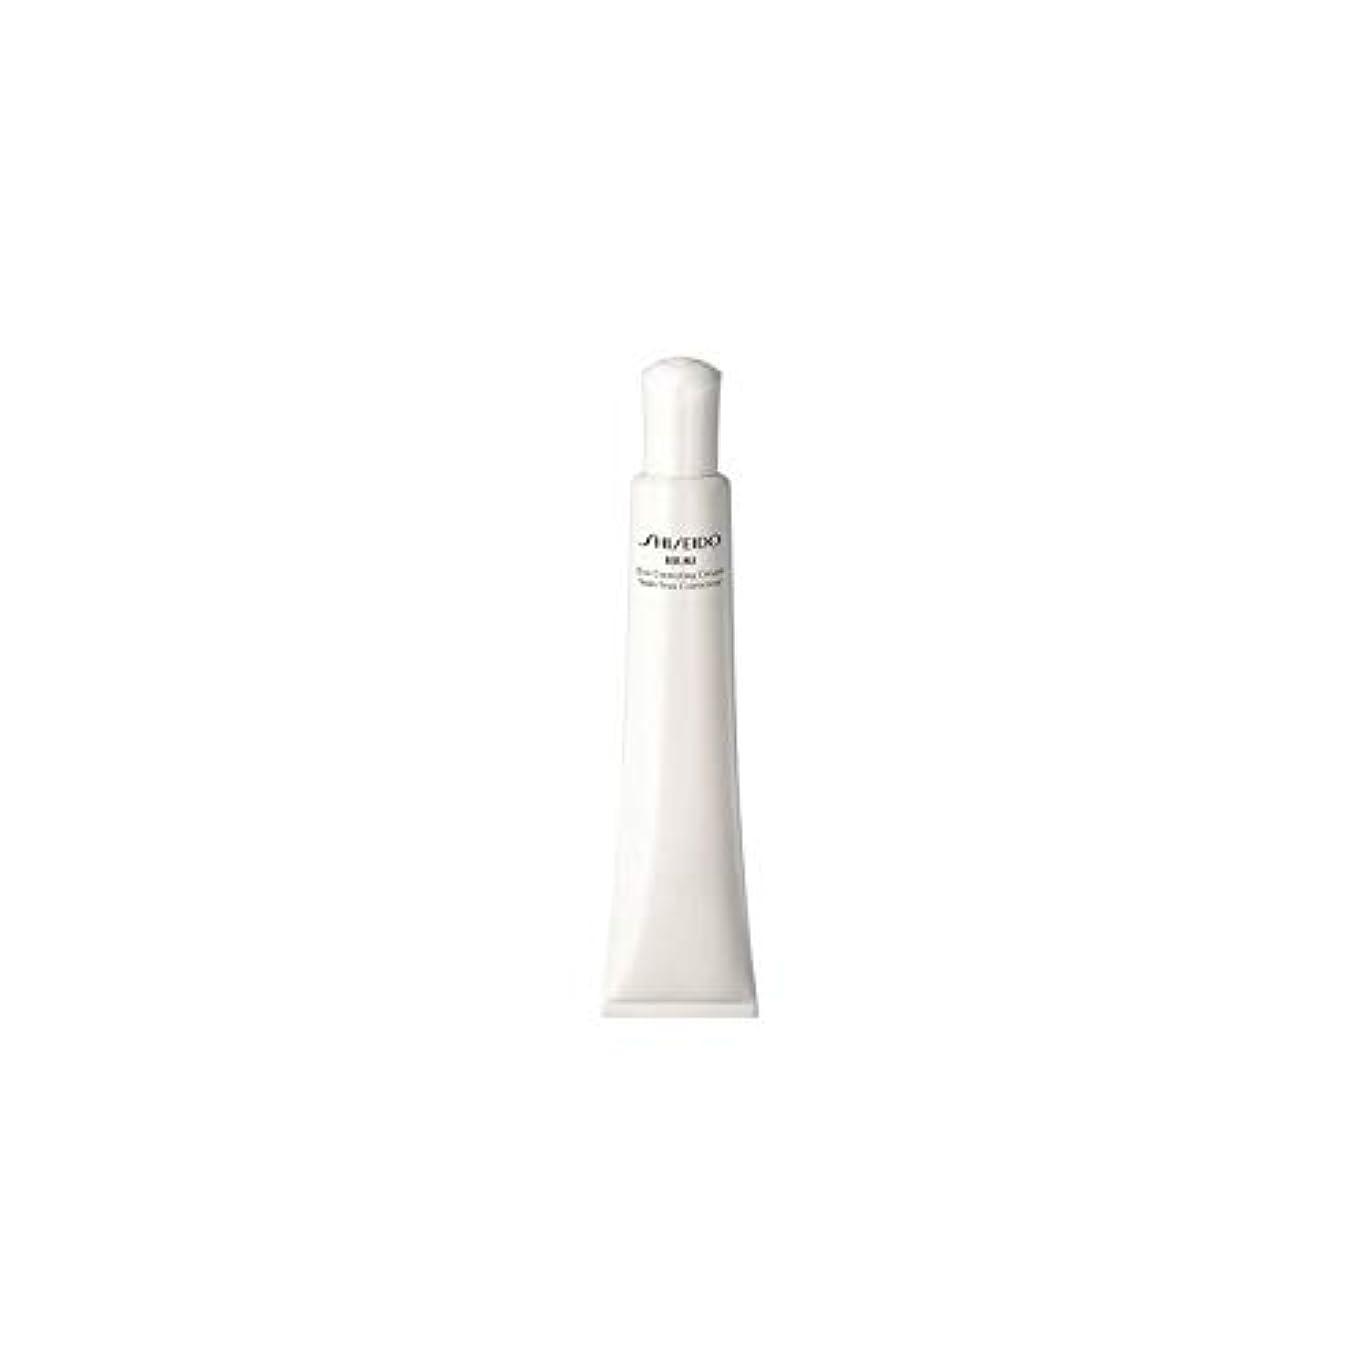 ぴったり連隊年金[Shiseido] 資生堂伊吹眼補正クリーム(15ミリリットル) - Shiseido Ibuki Eye Correcting Cream (15ml) [並行輸入品]